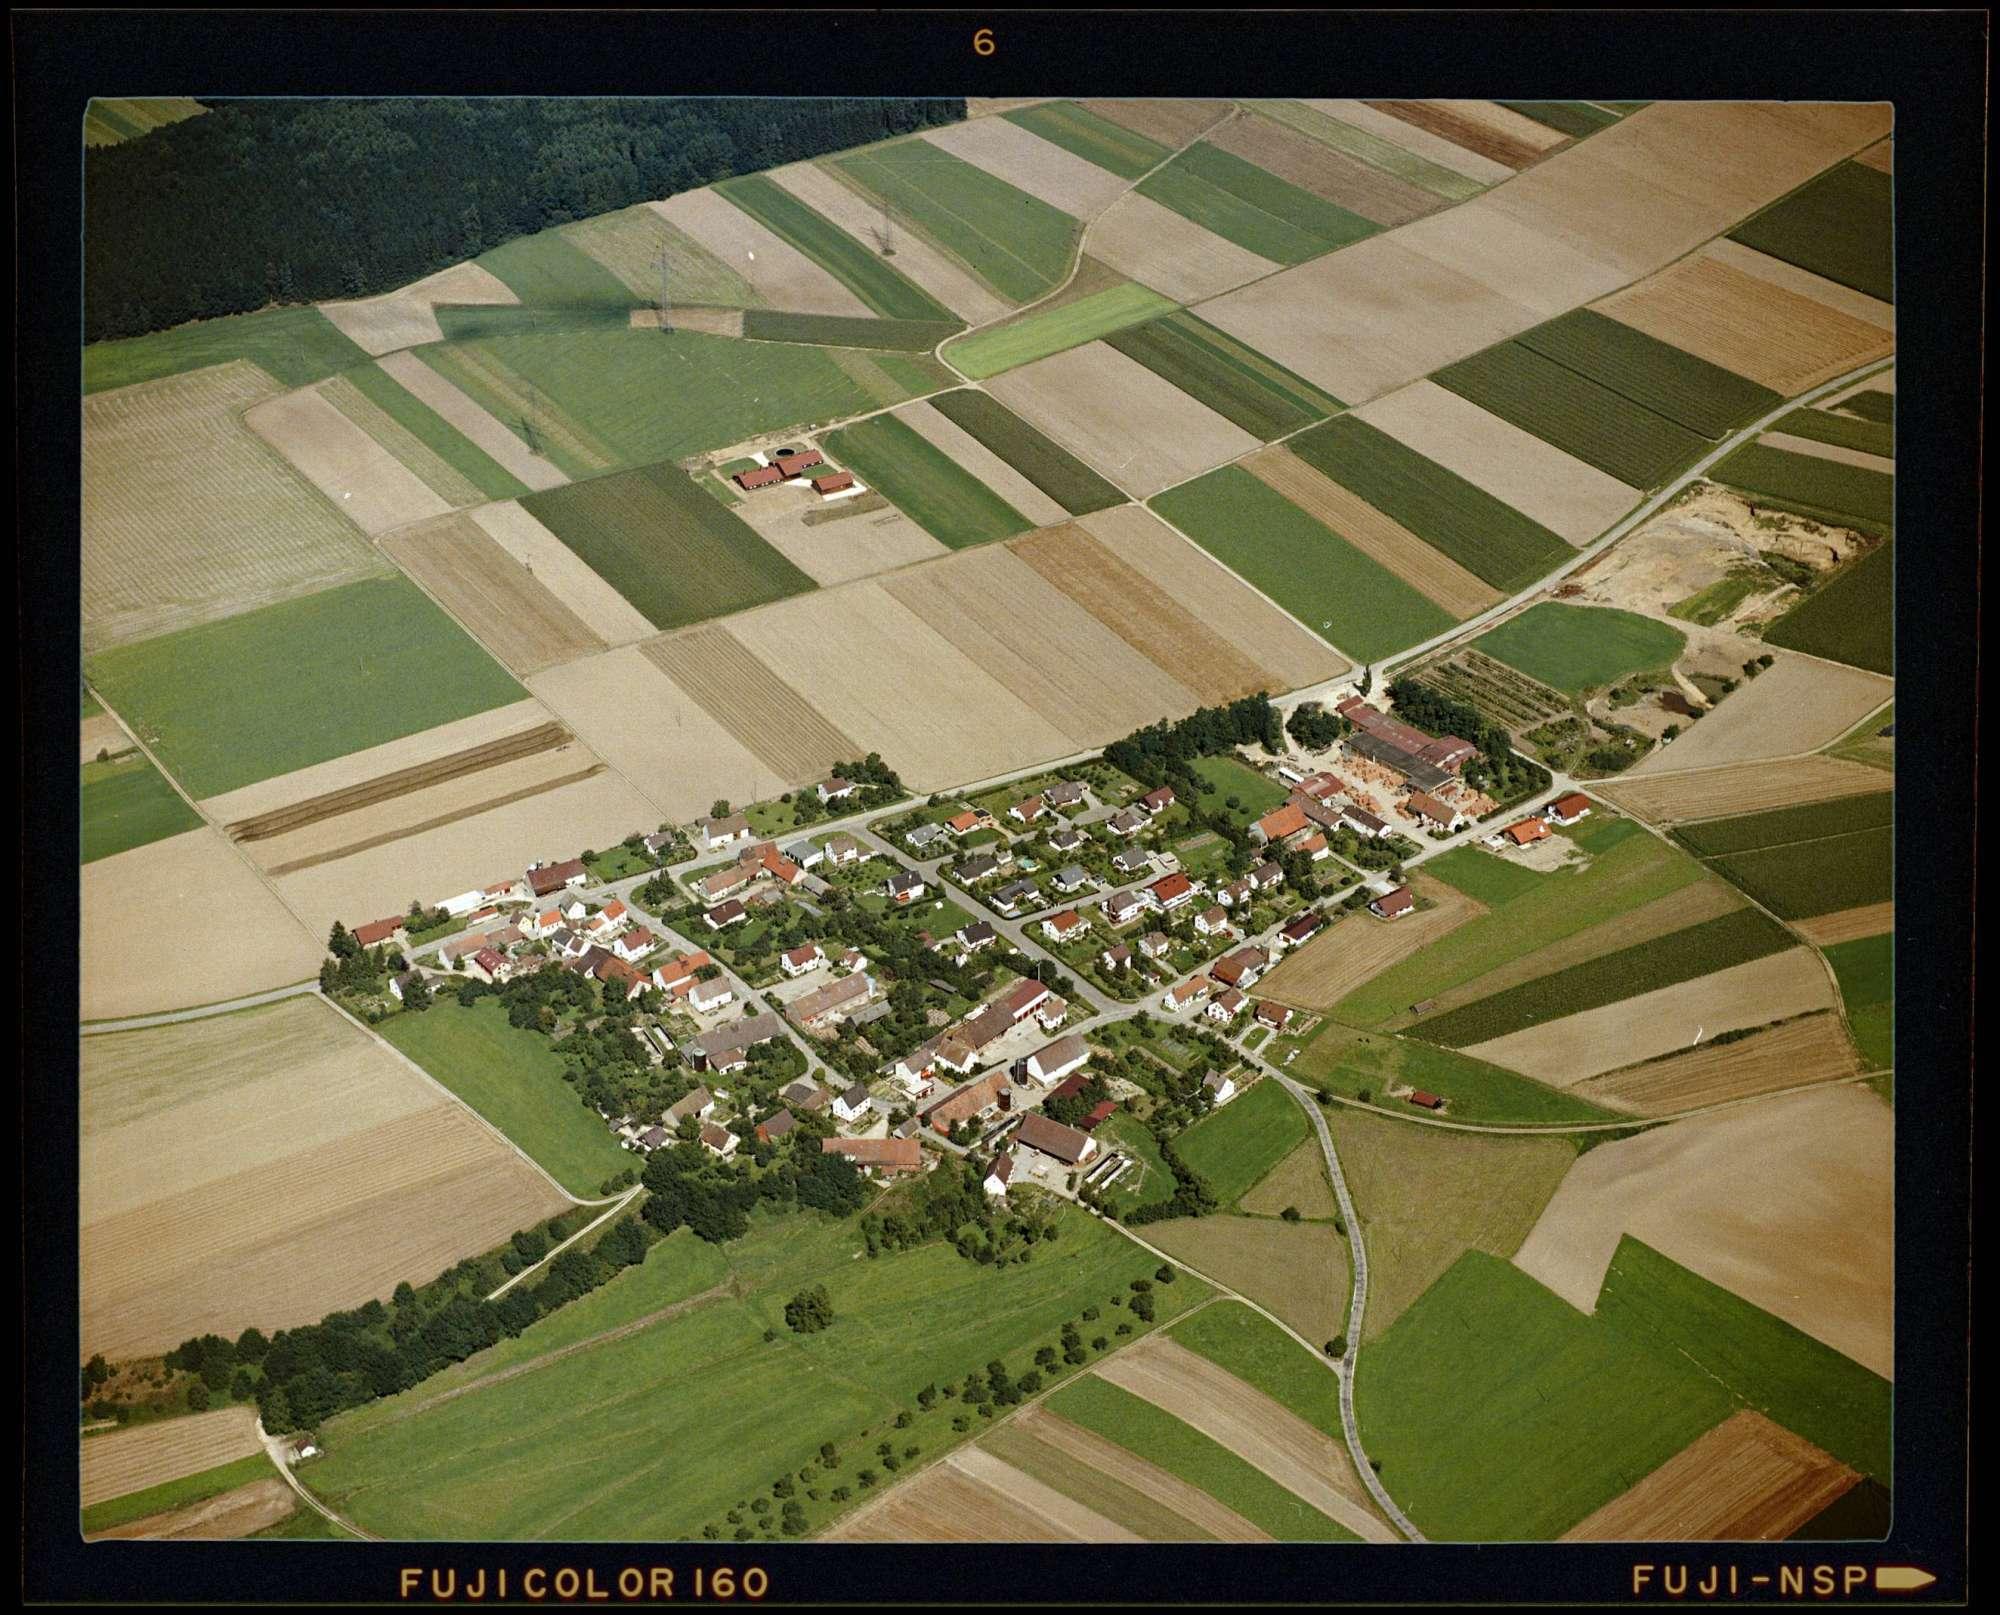 Humlangen, Luftbild, Bild 1